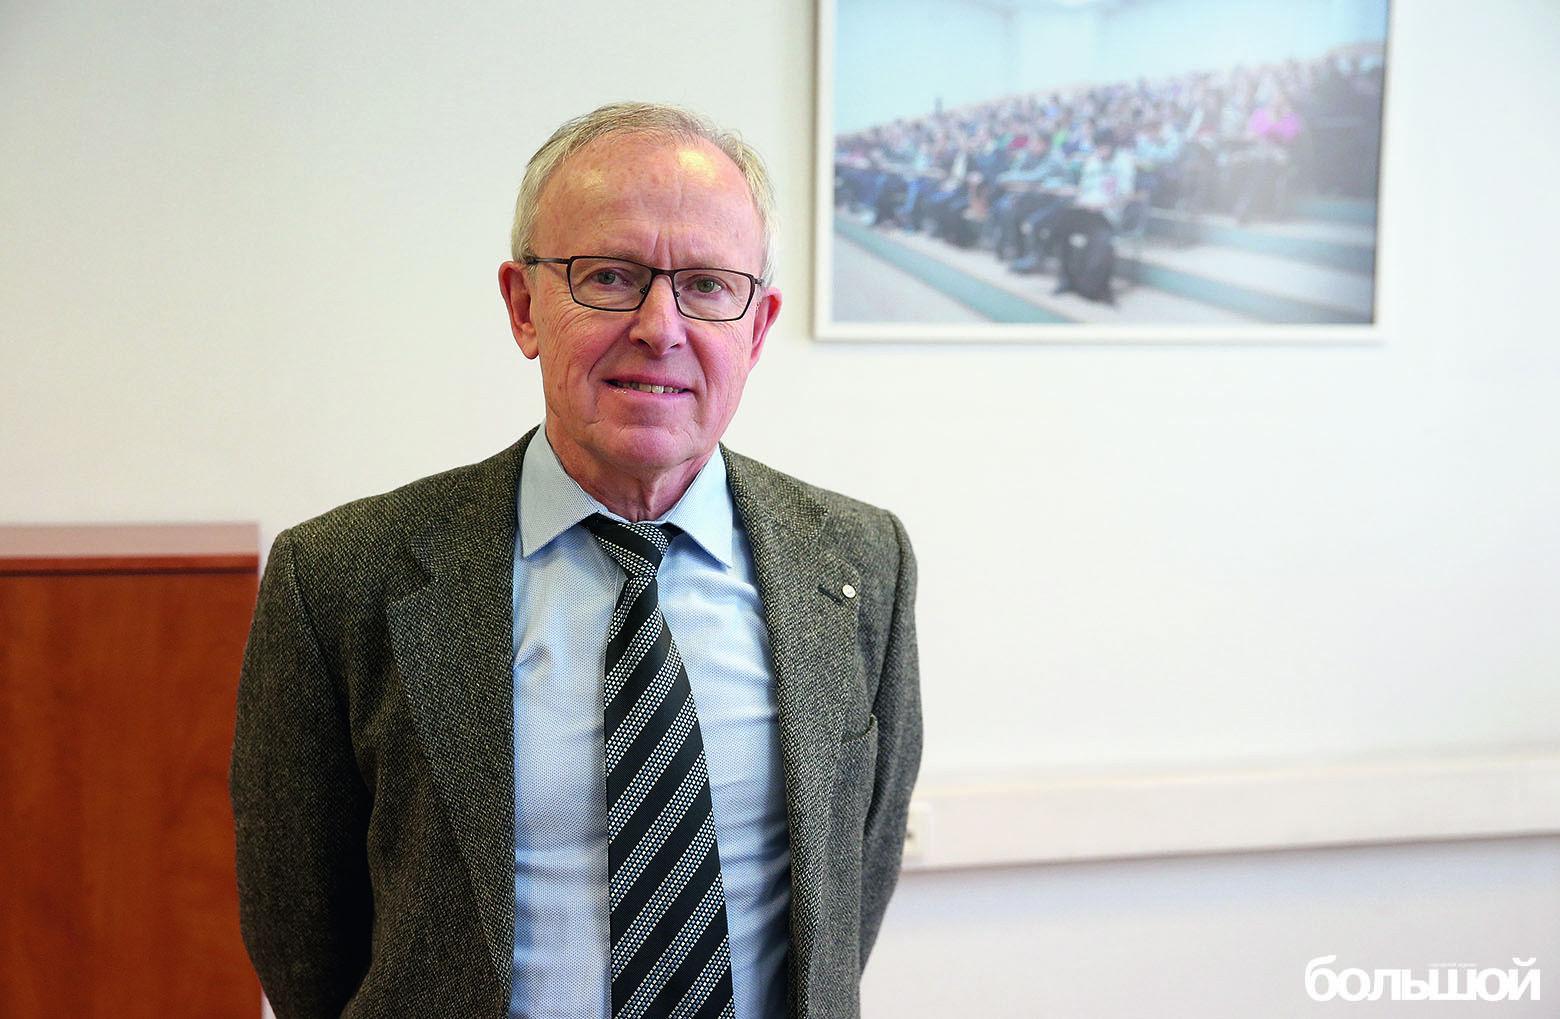 Йорген Йоргенсен